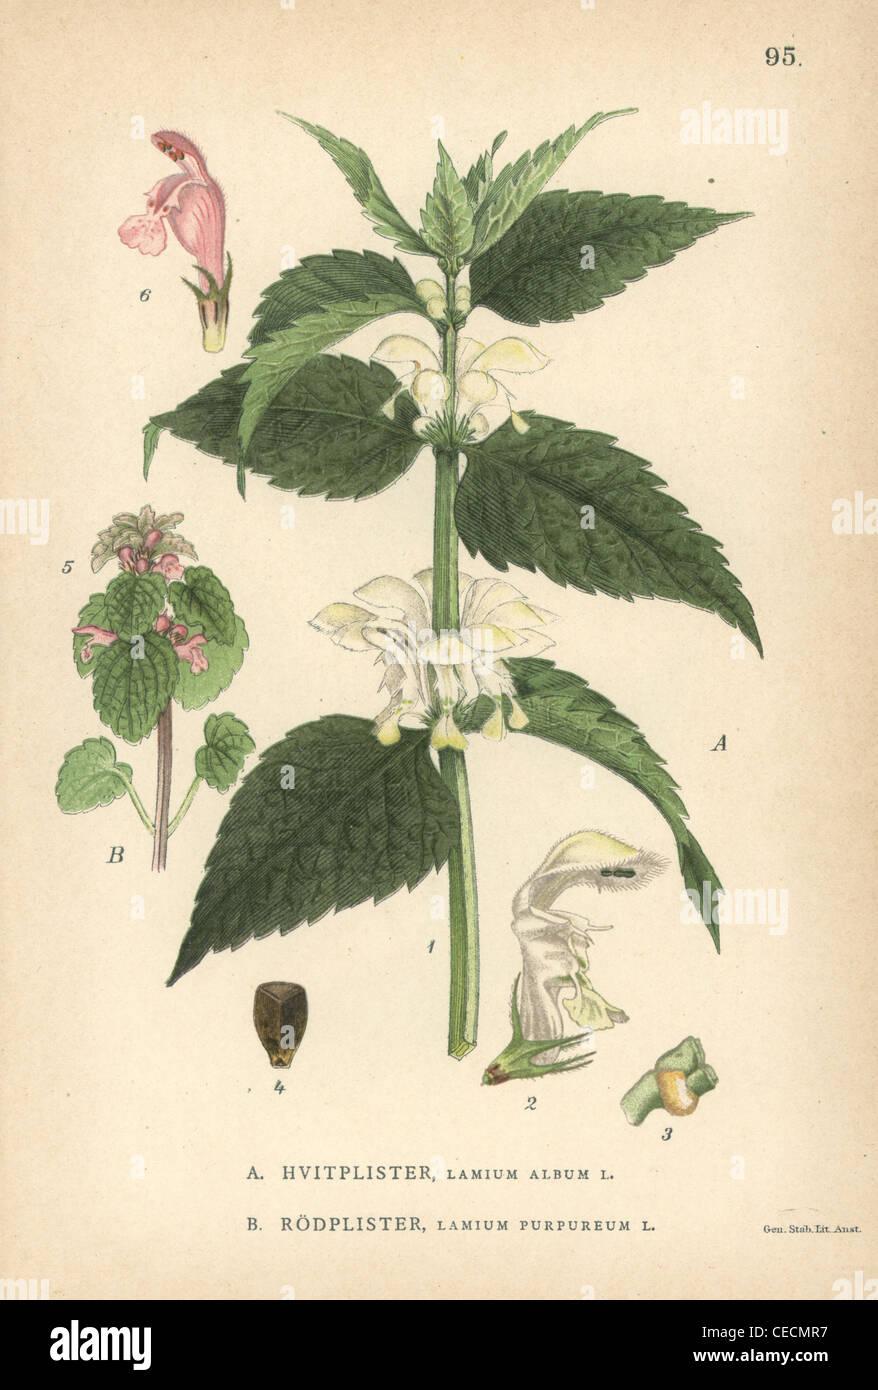 White deadnettle, Lamium album, and purple archangel, Lamium purpureum. - Stock Image